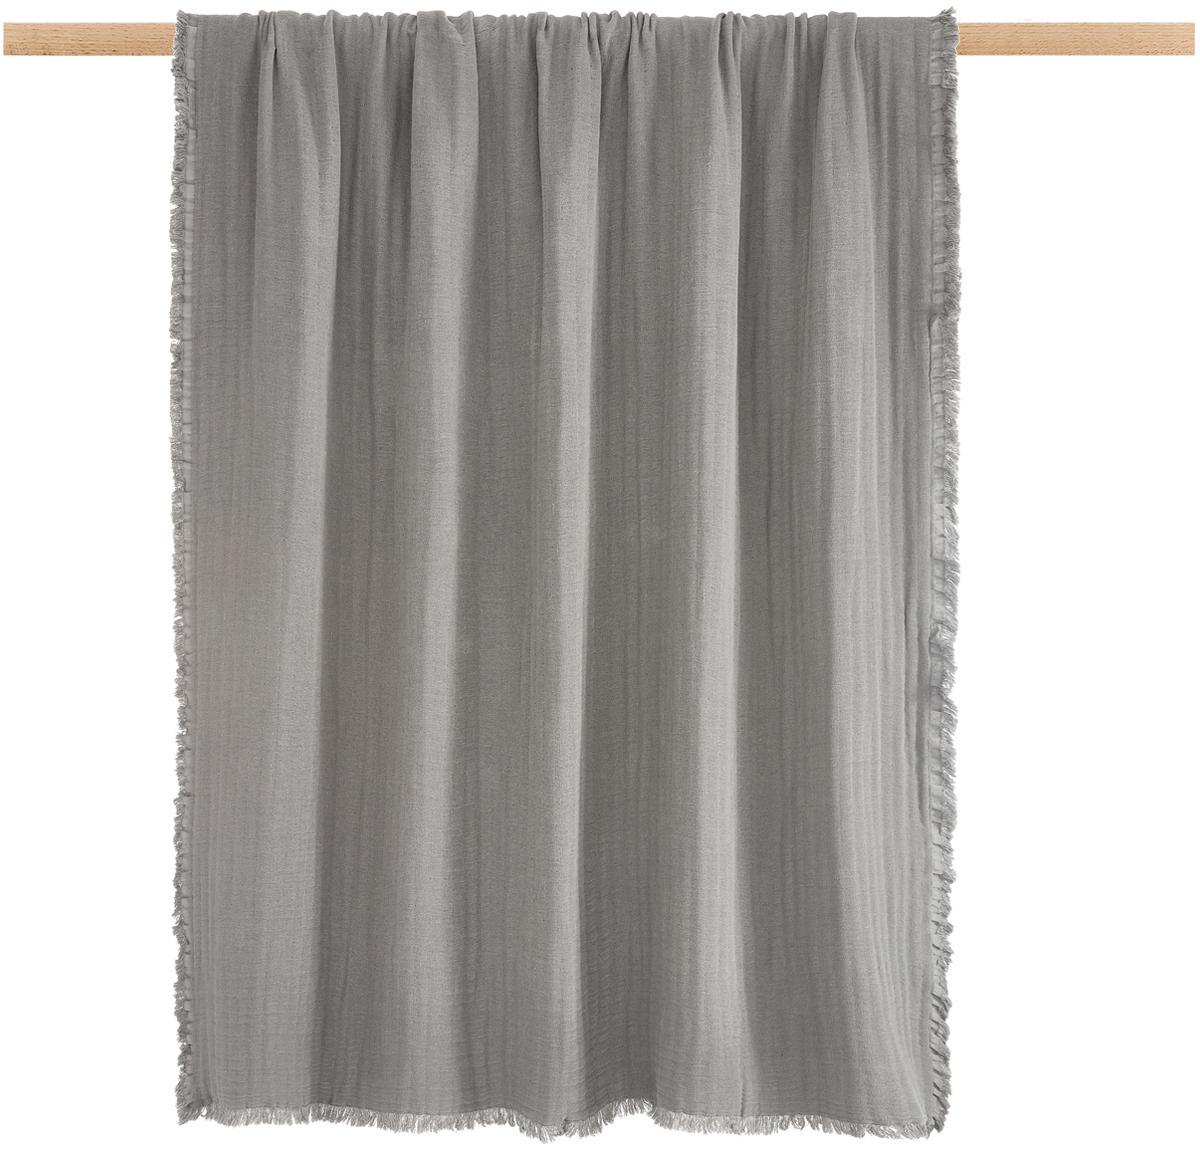 Plaid Vanly aus weichem Baumwollmusselin, 100% Baumwollmusselin, Dunkelgrau, 130 x 180 cm